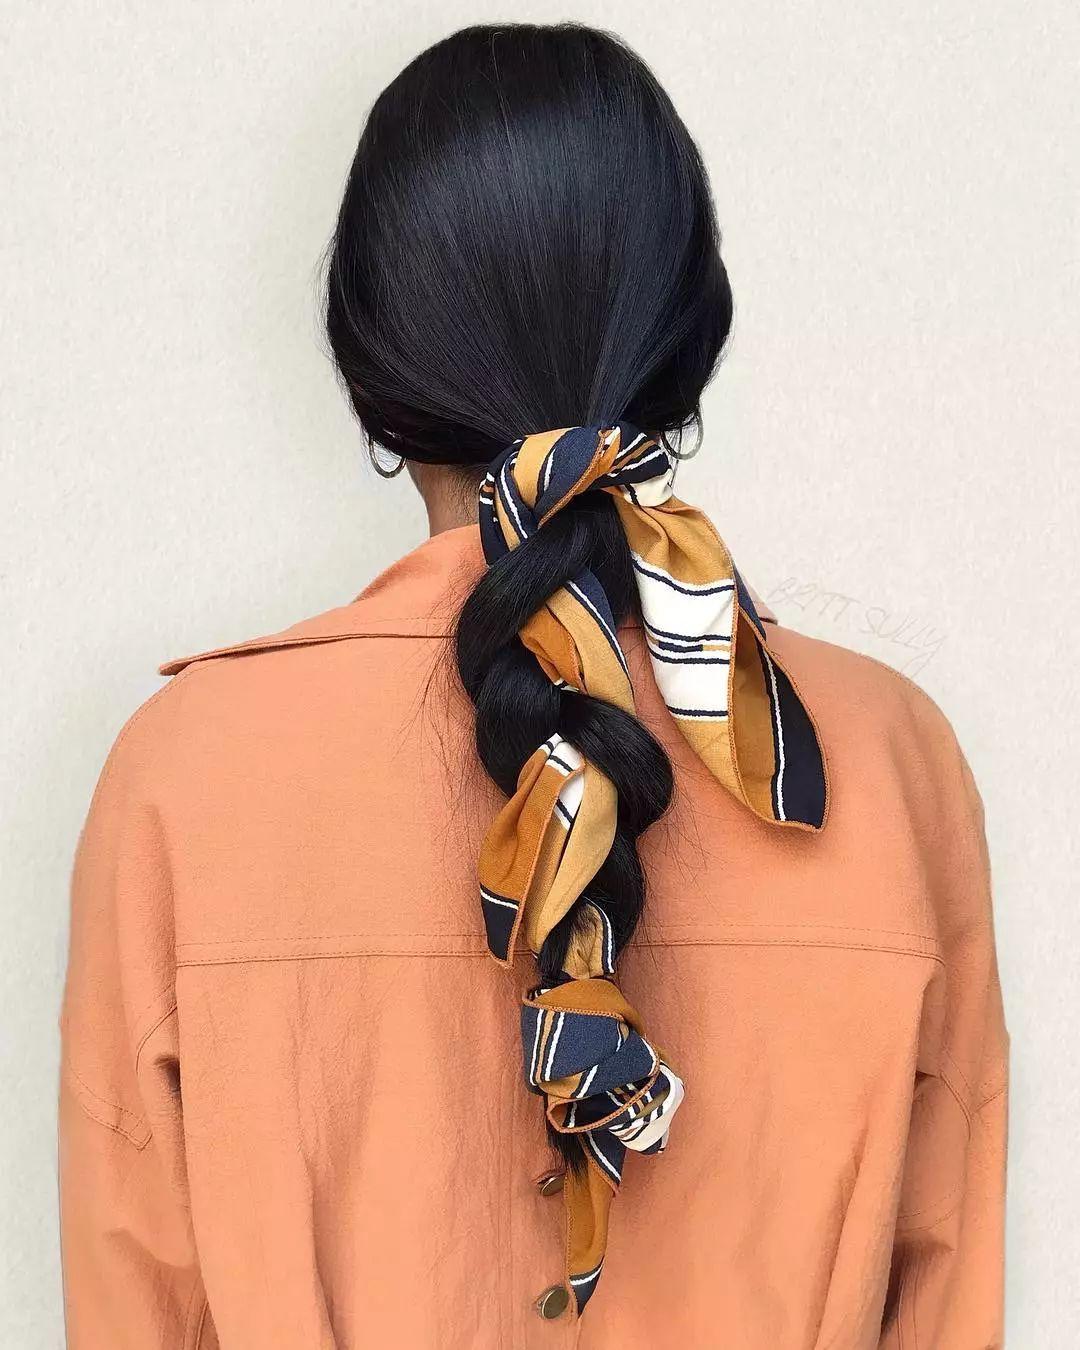 这种最基本的丝巾发带绑法也最受青睐,特别是红色系的丝巾,映衬红唇妆